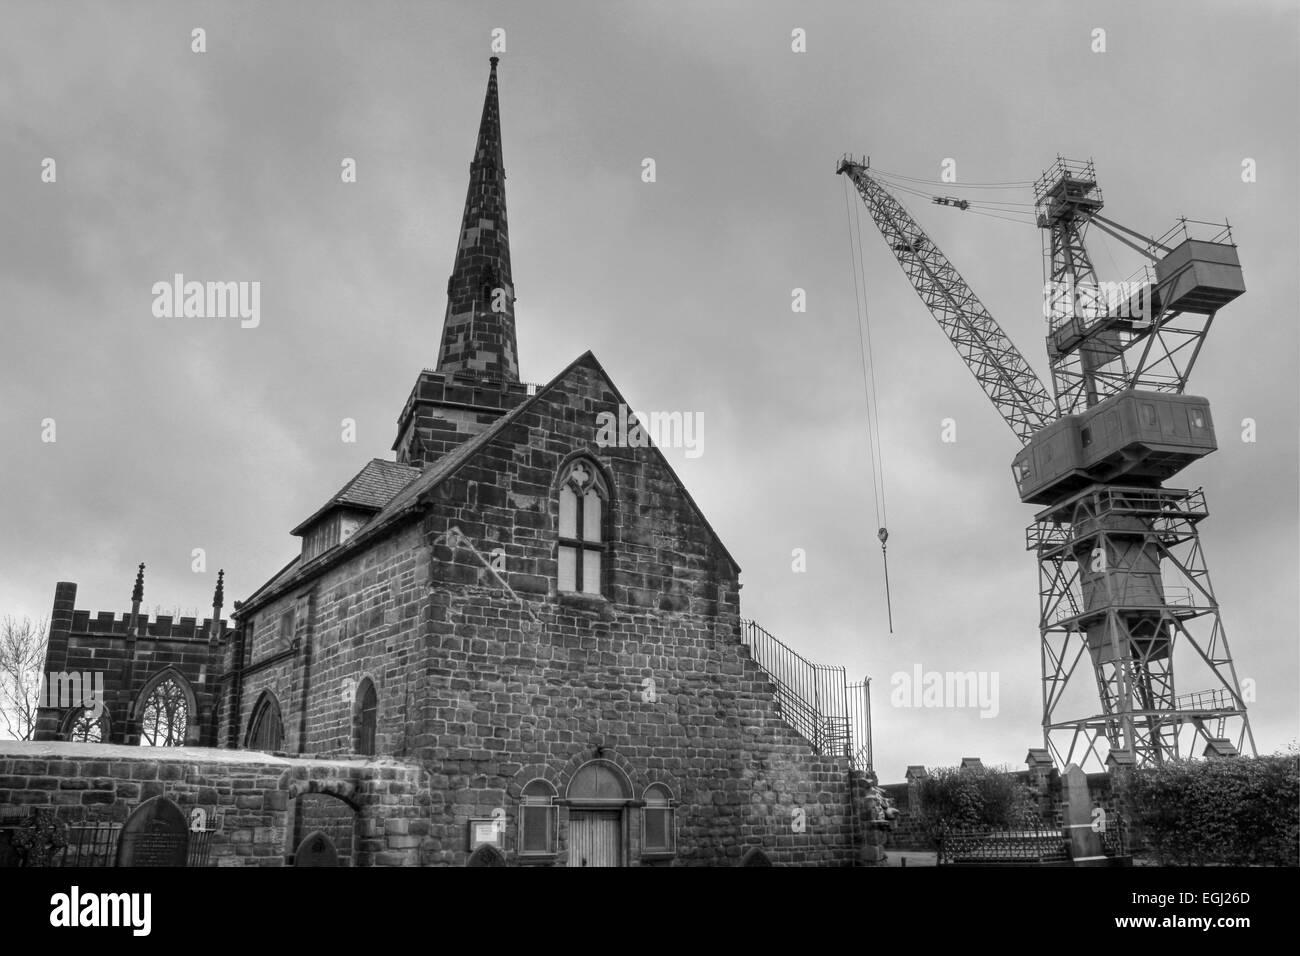 Schwarz / weiß HDR Foto von Birkenhead Priorat mit einem Kran von der angrenzenden Cammell Laird Schiffbauer Stockbild